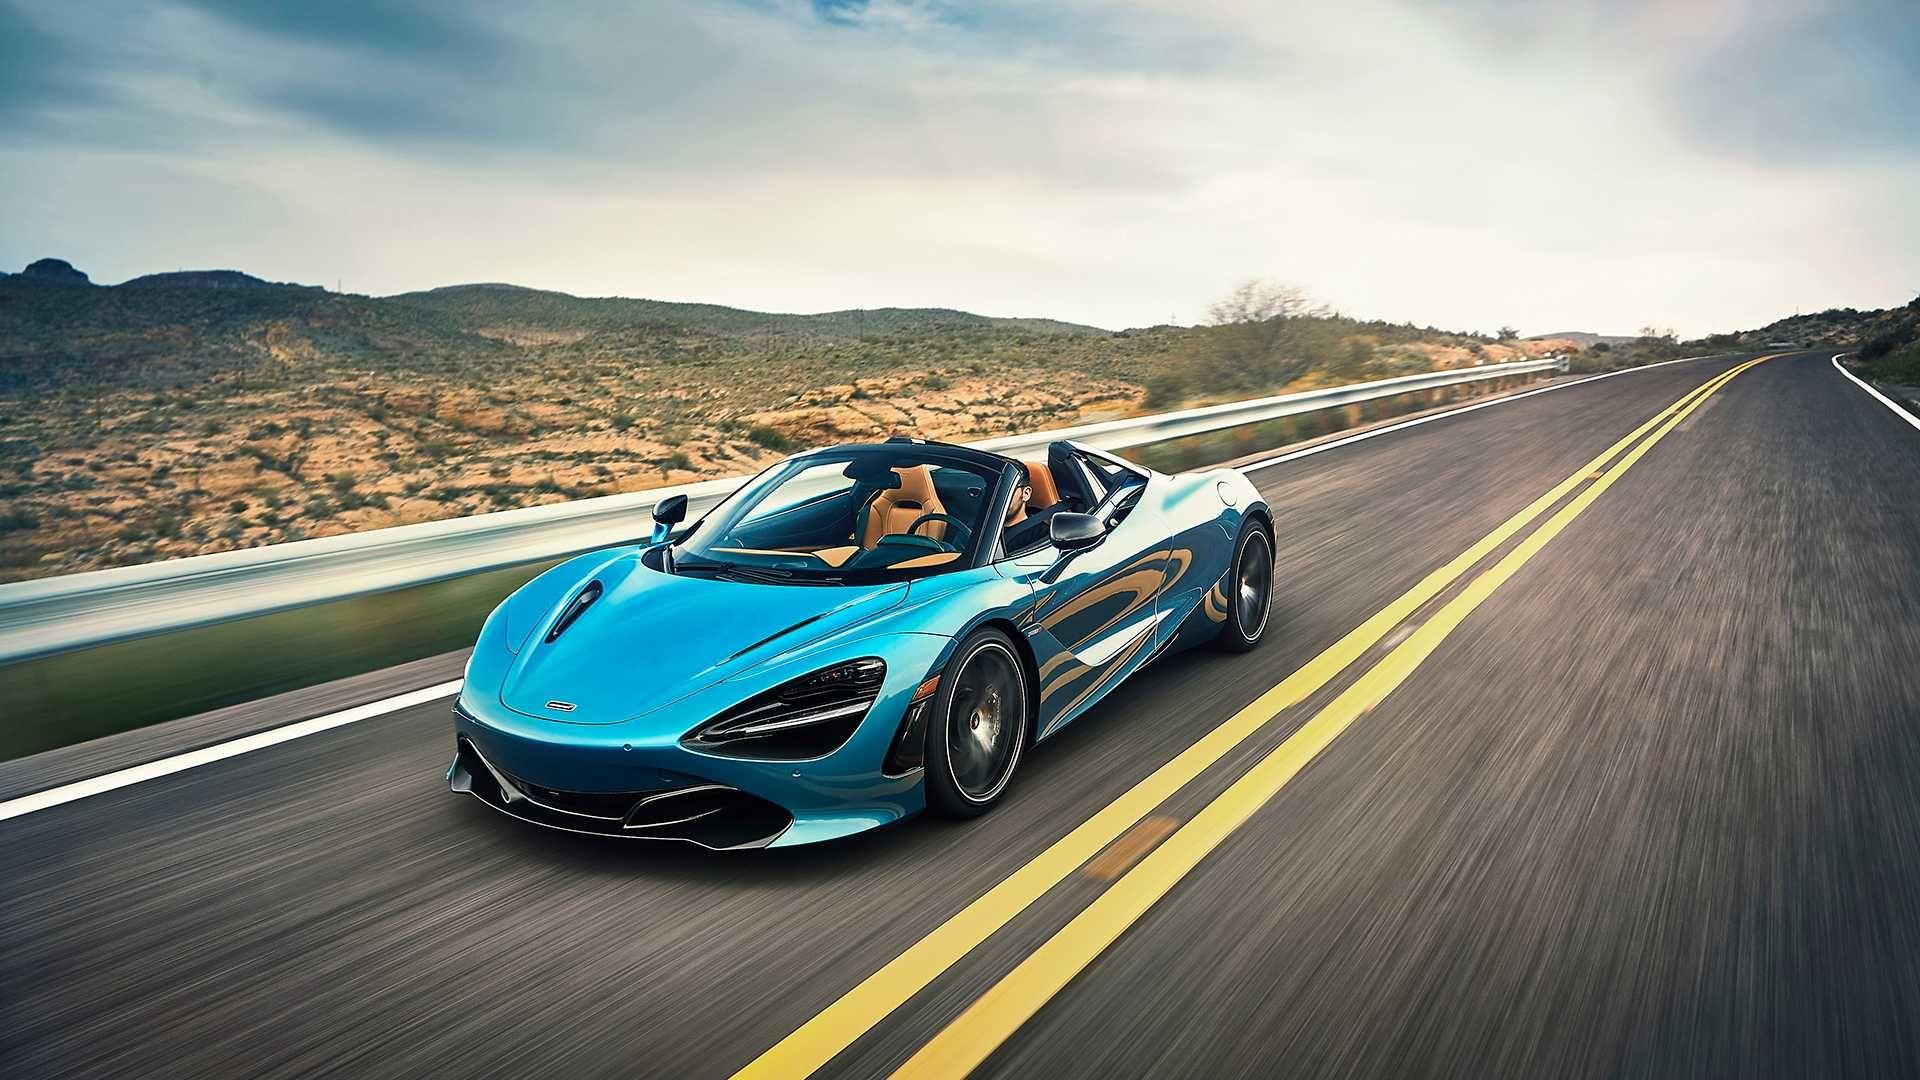 2020 Mclaren 720s Spider Super Cars Concept Cars Car